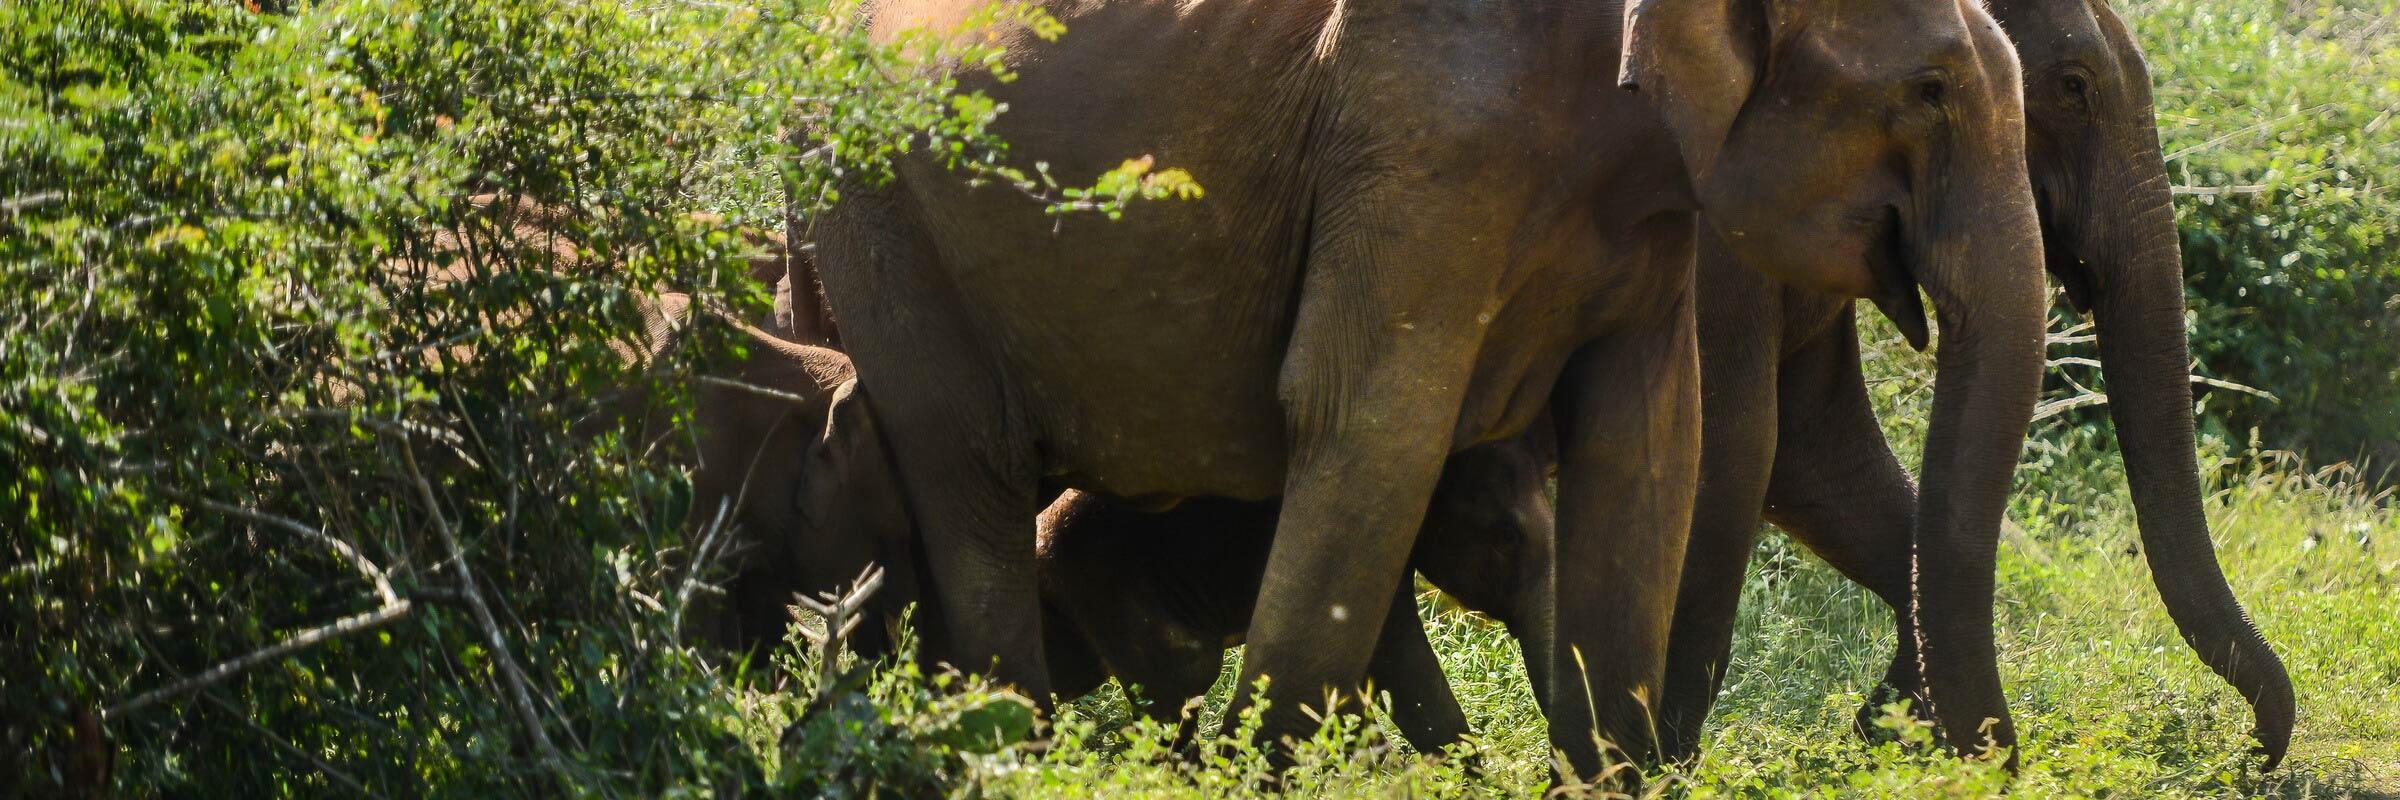 Der Nagarhole Nationalpark ist ein Schutzgebiet im südindischen Bundesstaat Karnataka, in dem Elefanten in freier Wildbahn beobachtet werden können.